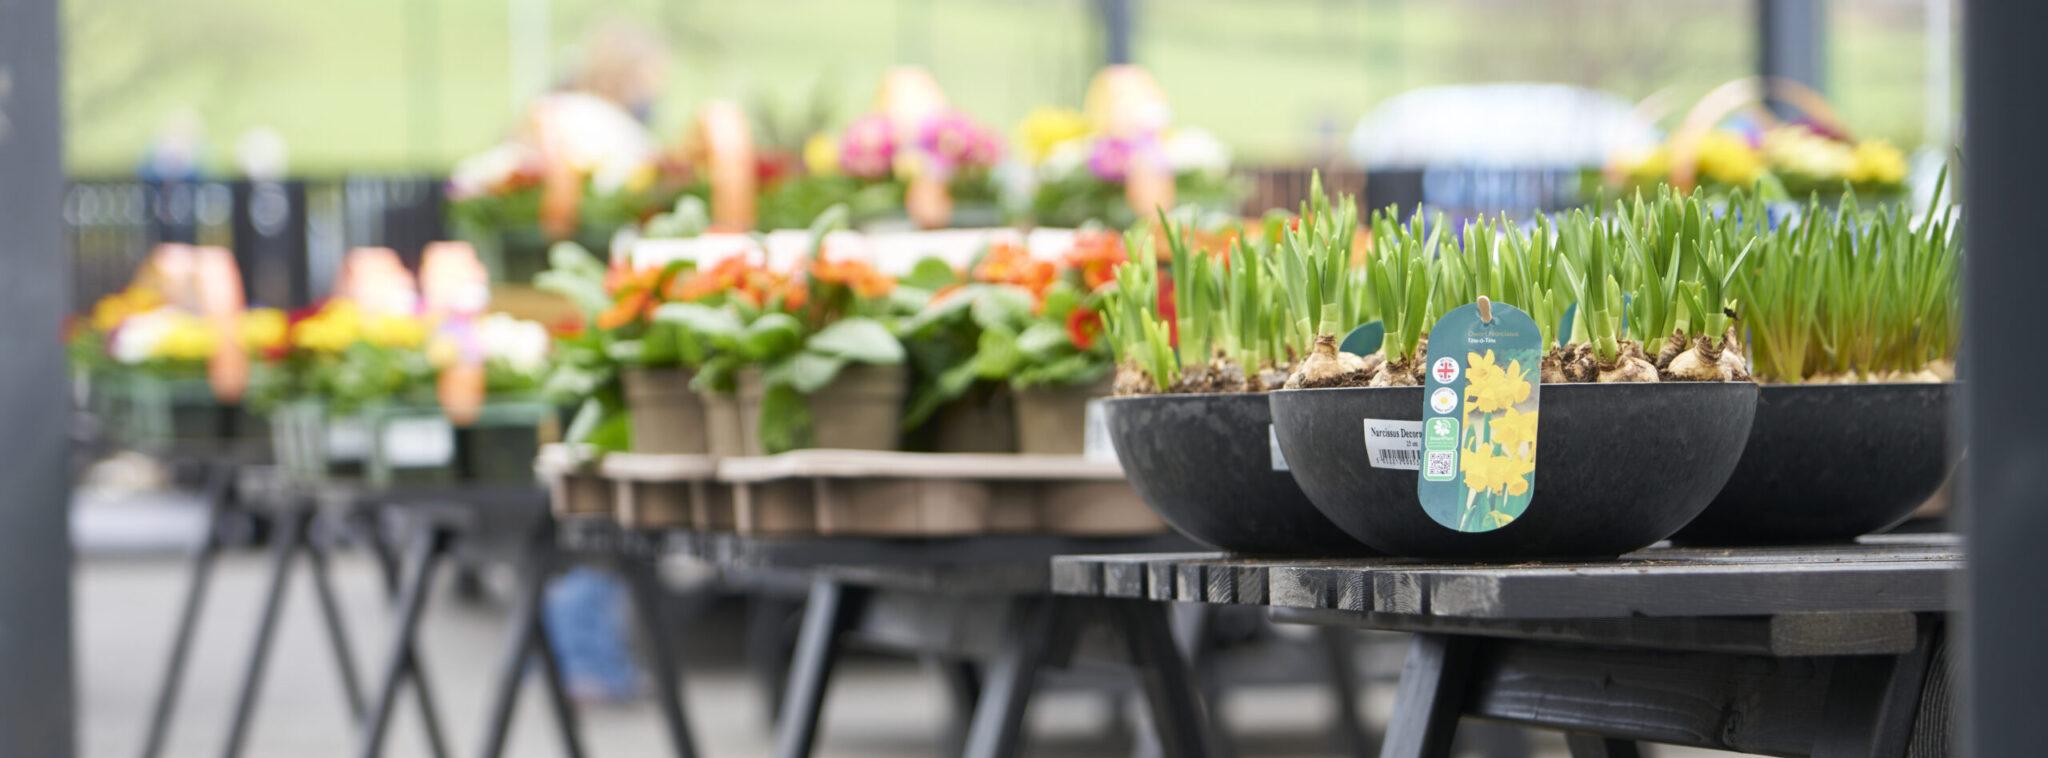 Outdoor plants 9